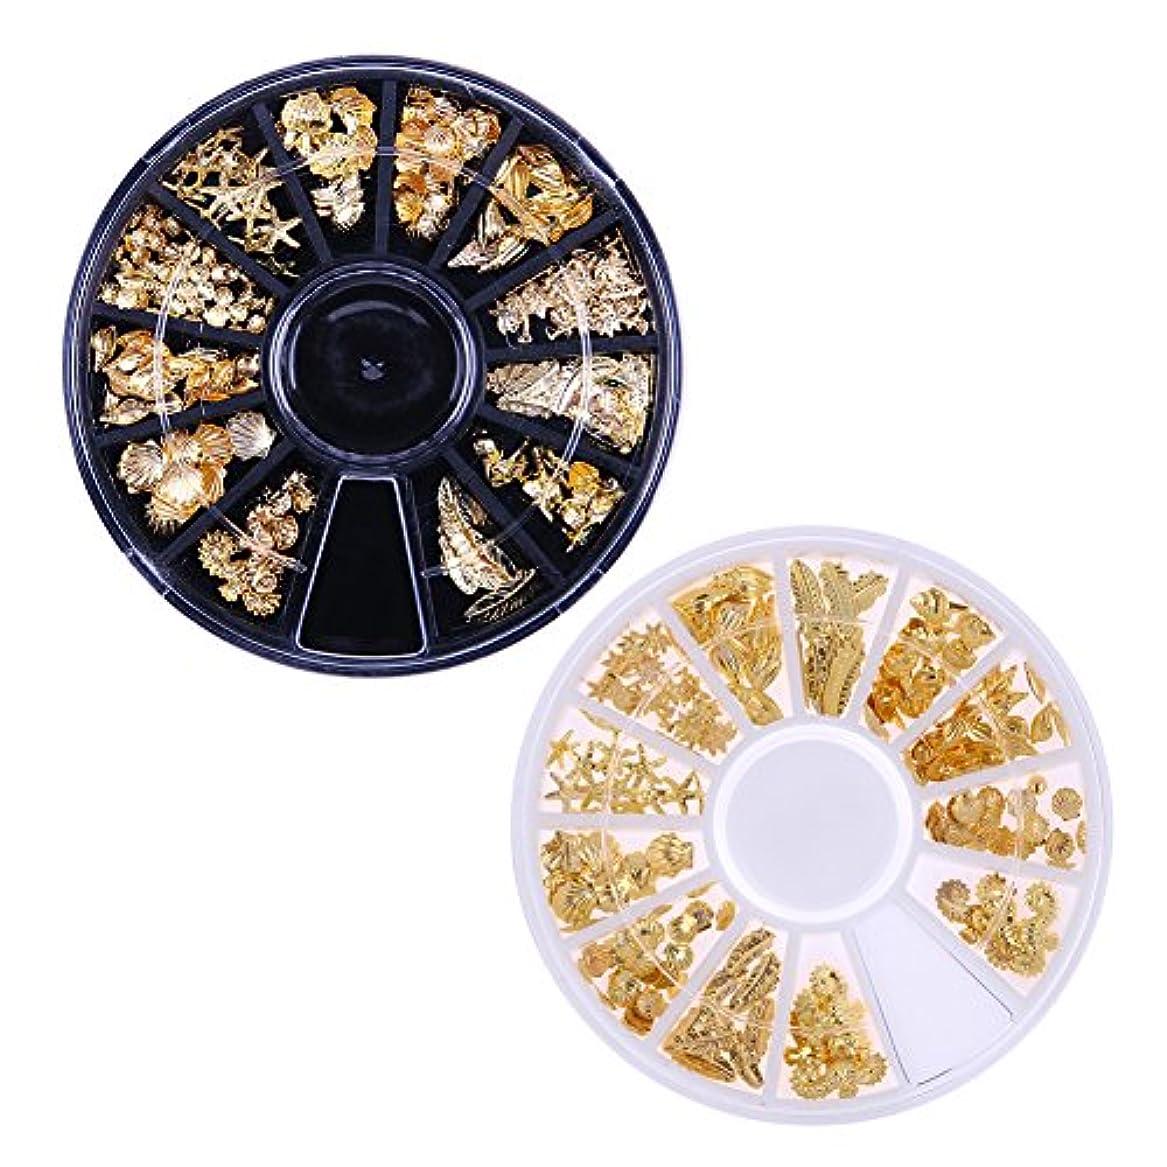 月航海犯すDemiawaking 3D ネイルパーツ メタル ゴールド 海テーマ(貝殻/海馬/海星など) 12種形 ネイルデコレーション ラウンドケース入リ 2ケース